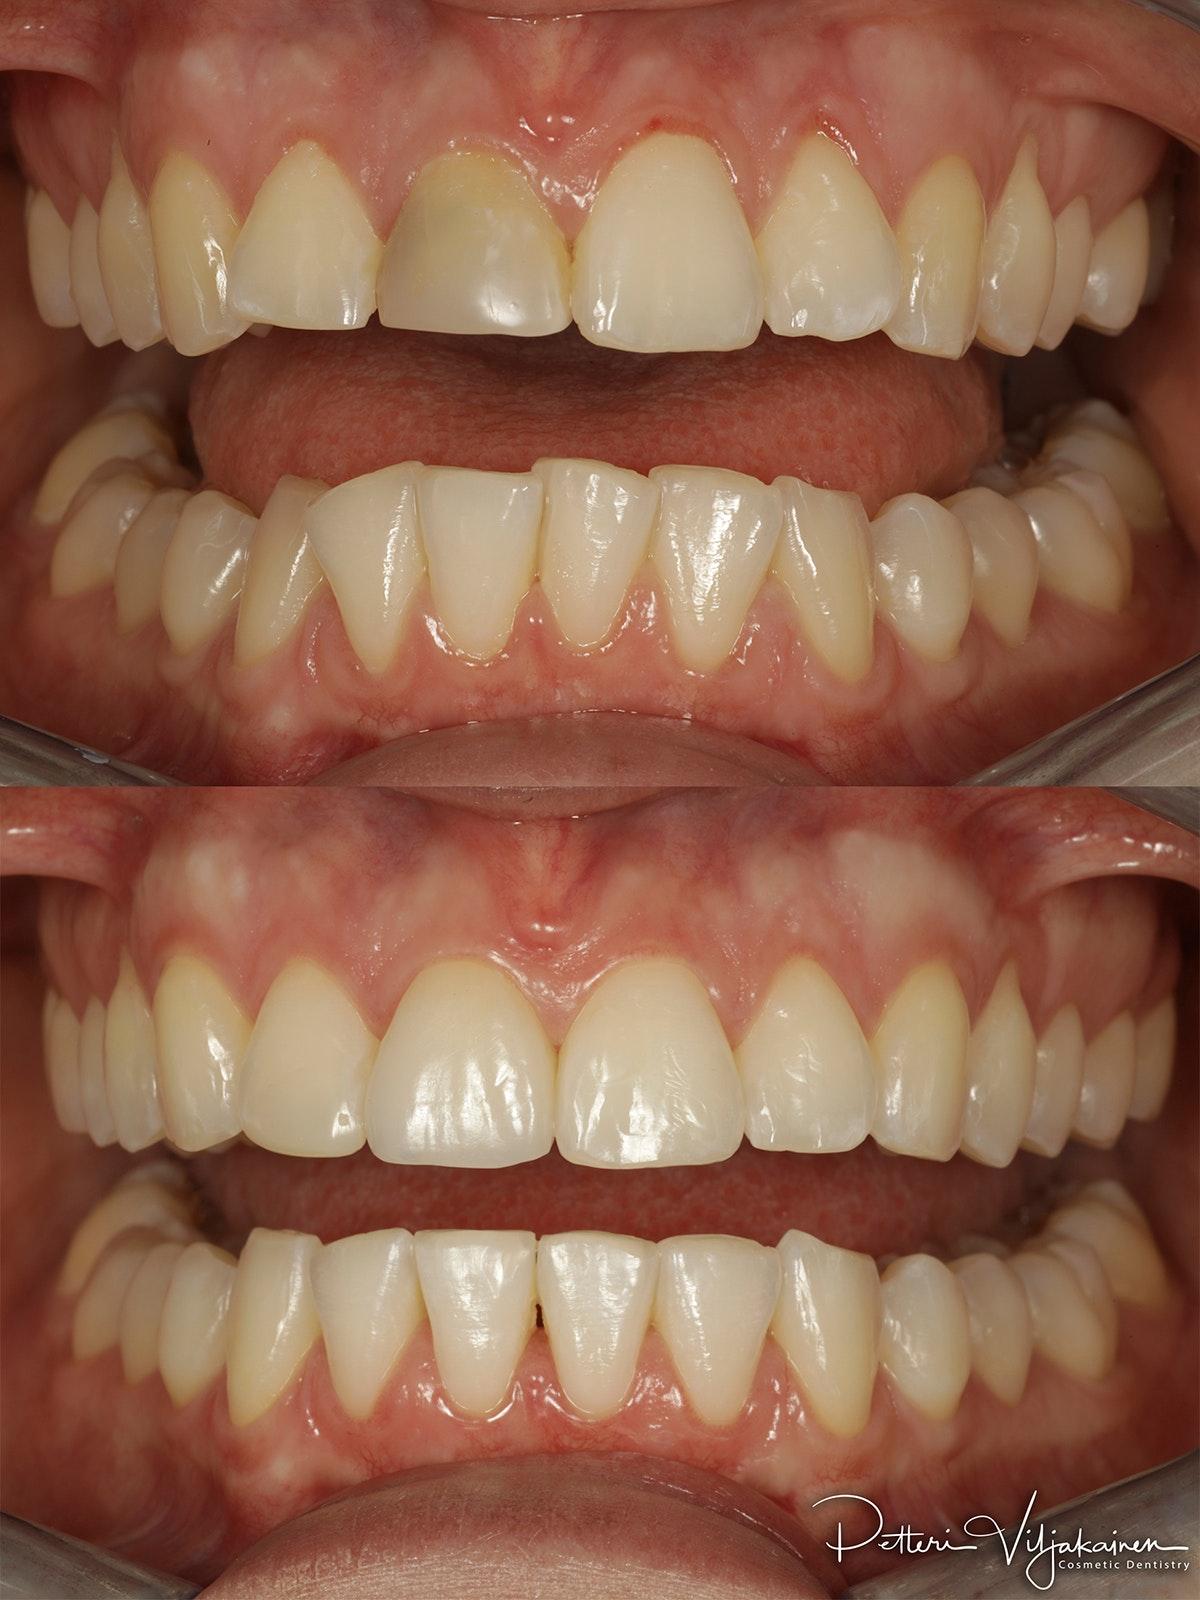 Esteettinen hammashoito ennen jälkeen. Yksittäinen keraaminen kuori eli hammaslaminaatti etuhampaassa.